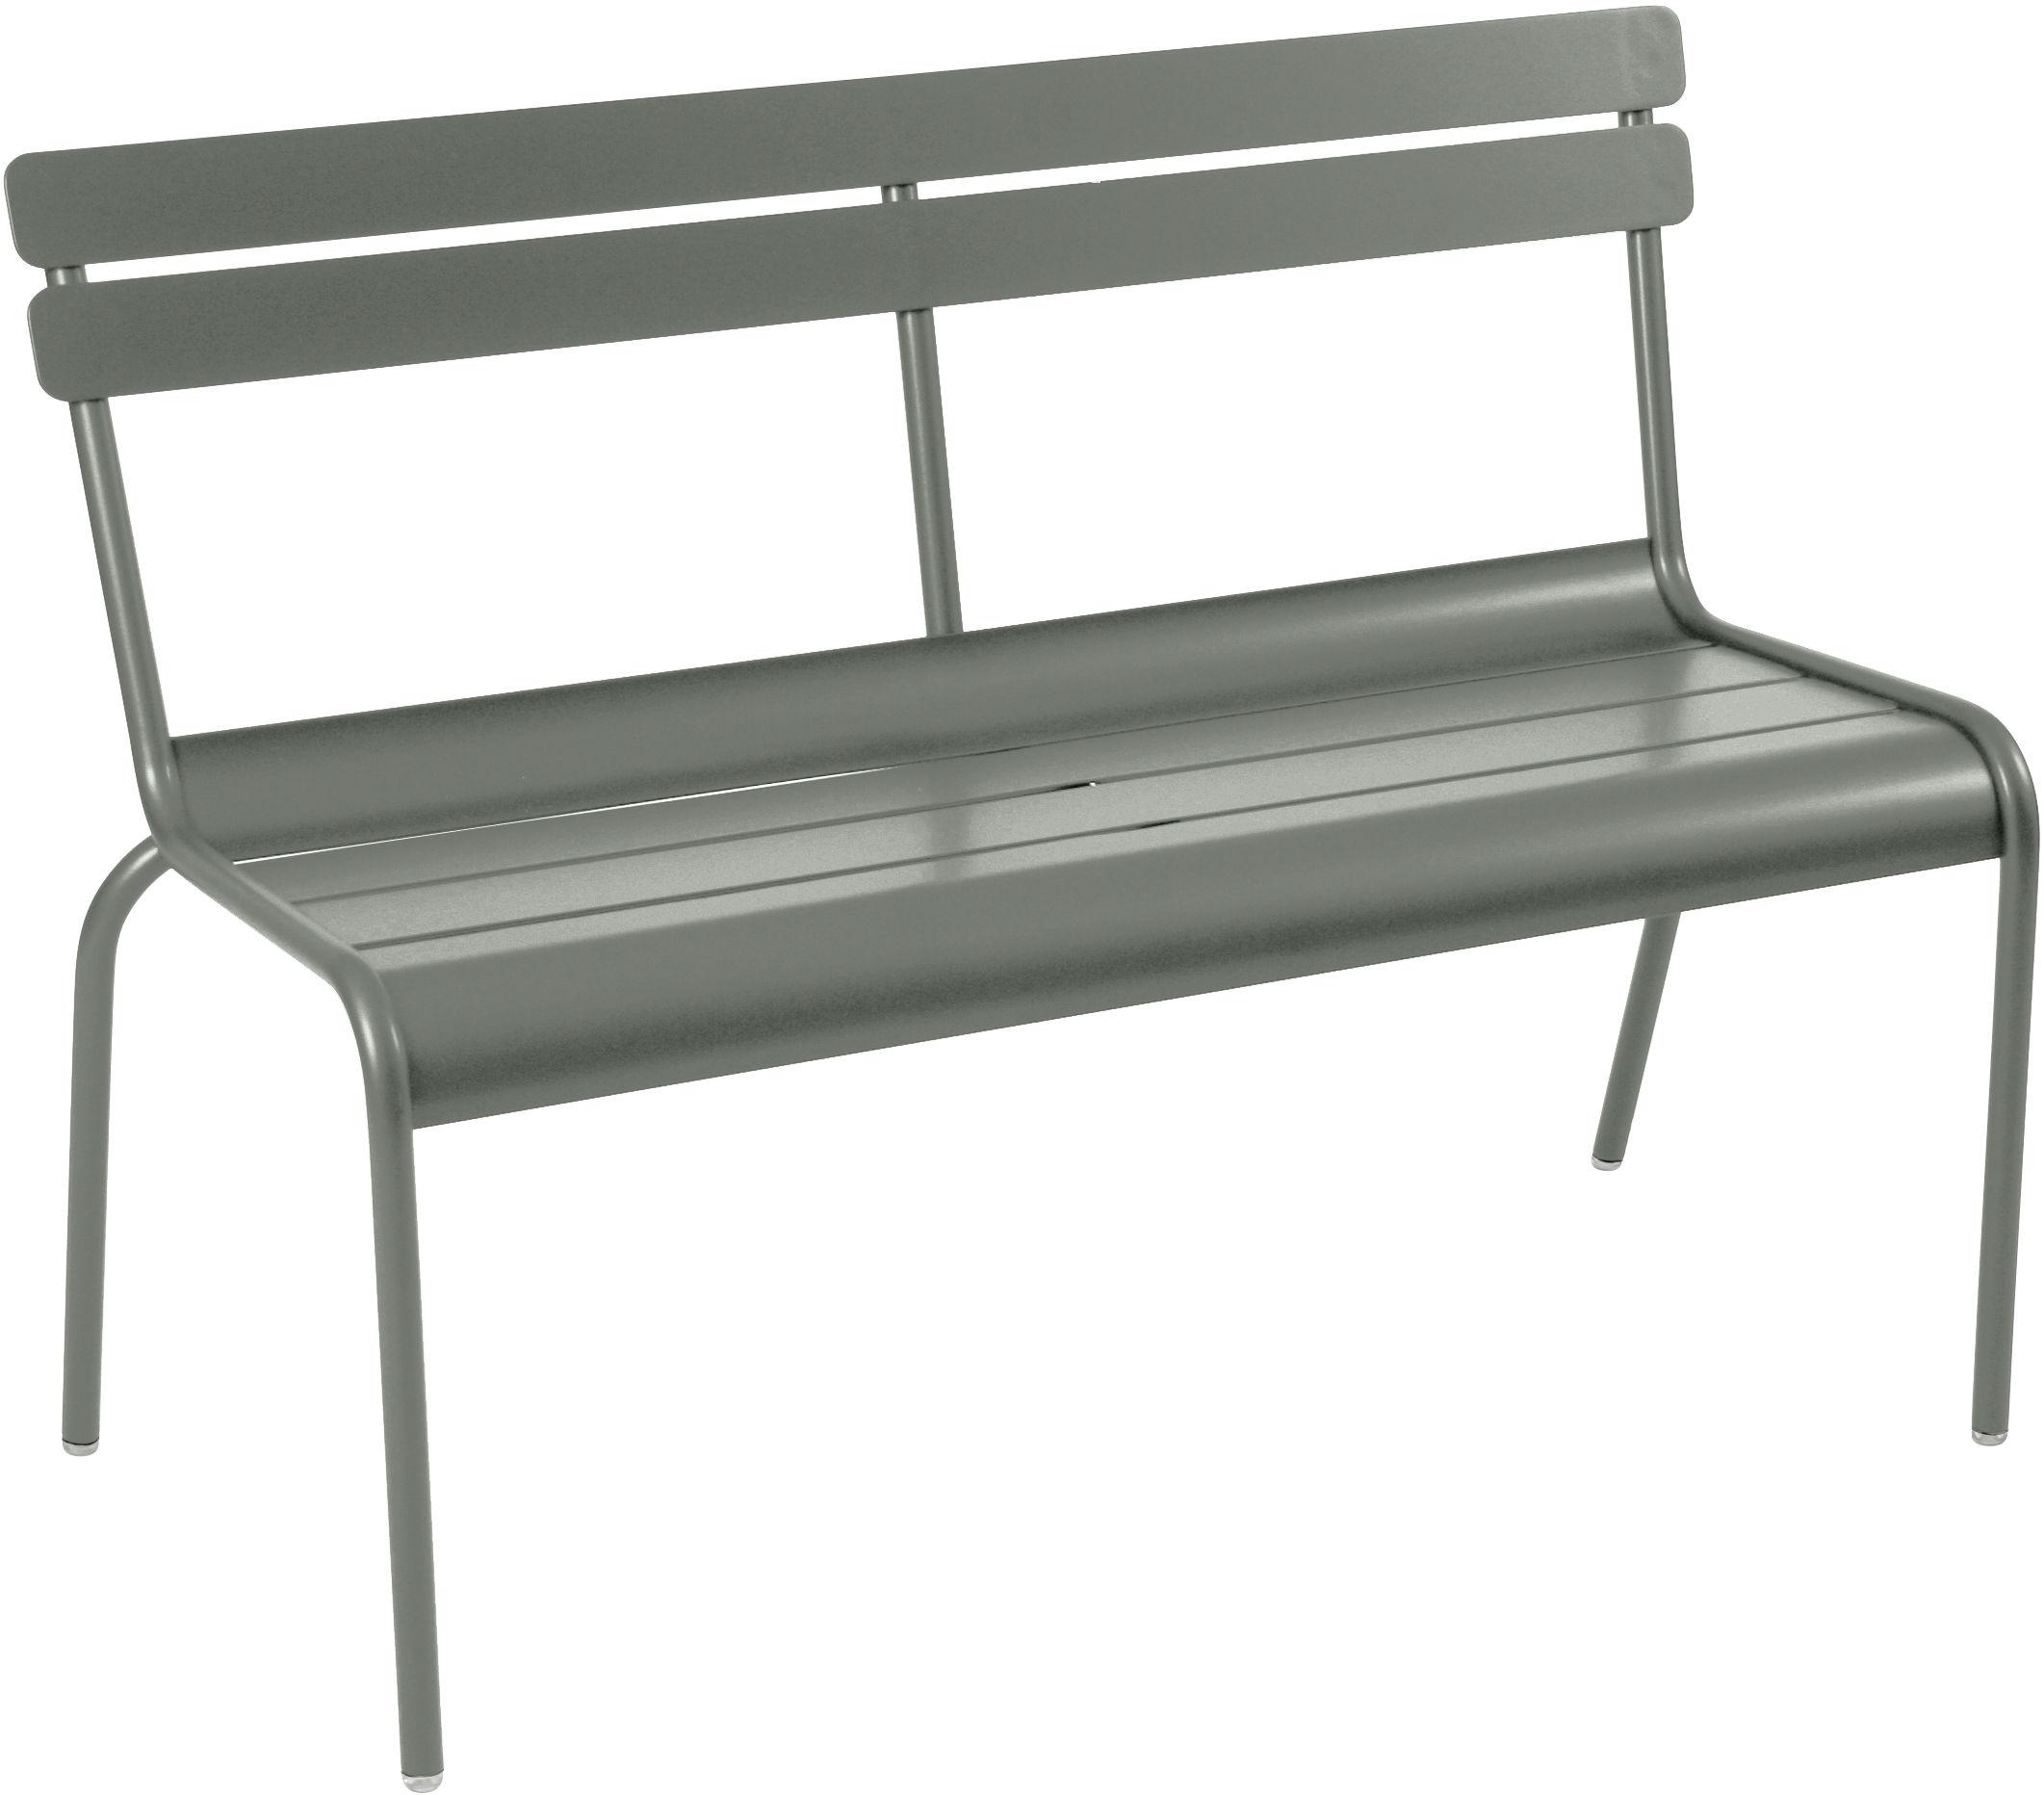 Möbel - Bänke - Luxembourg Bank mit Rückenlehne / 2-/3-Sitzer - L 118 cm - Metall - Fermob - Rosmarin - lackiertes Aluminium